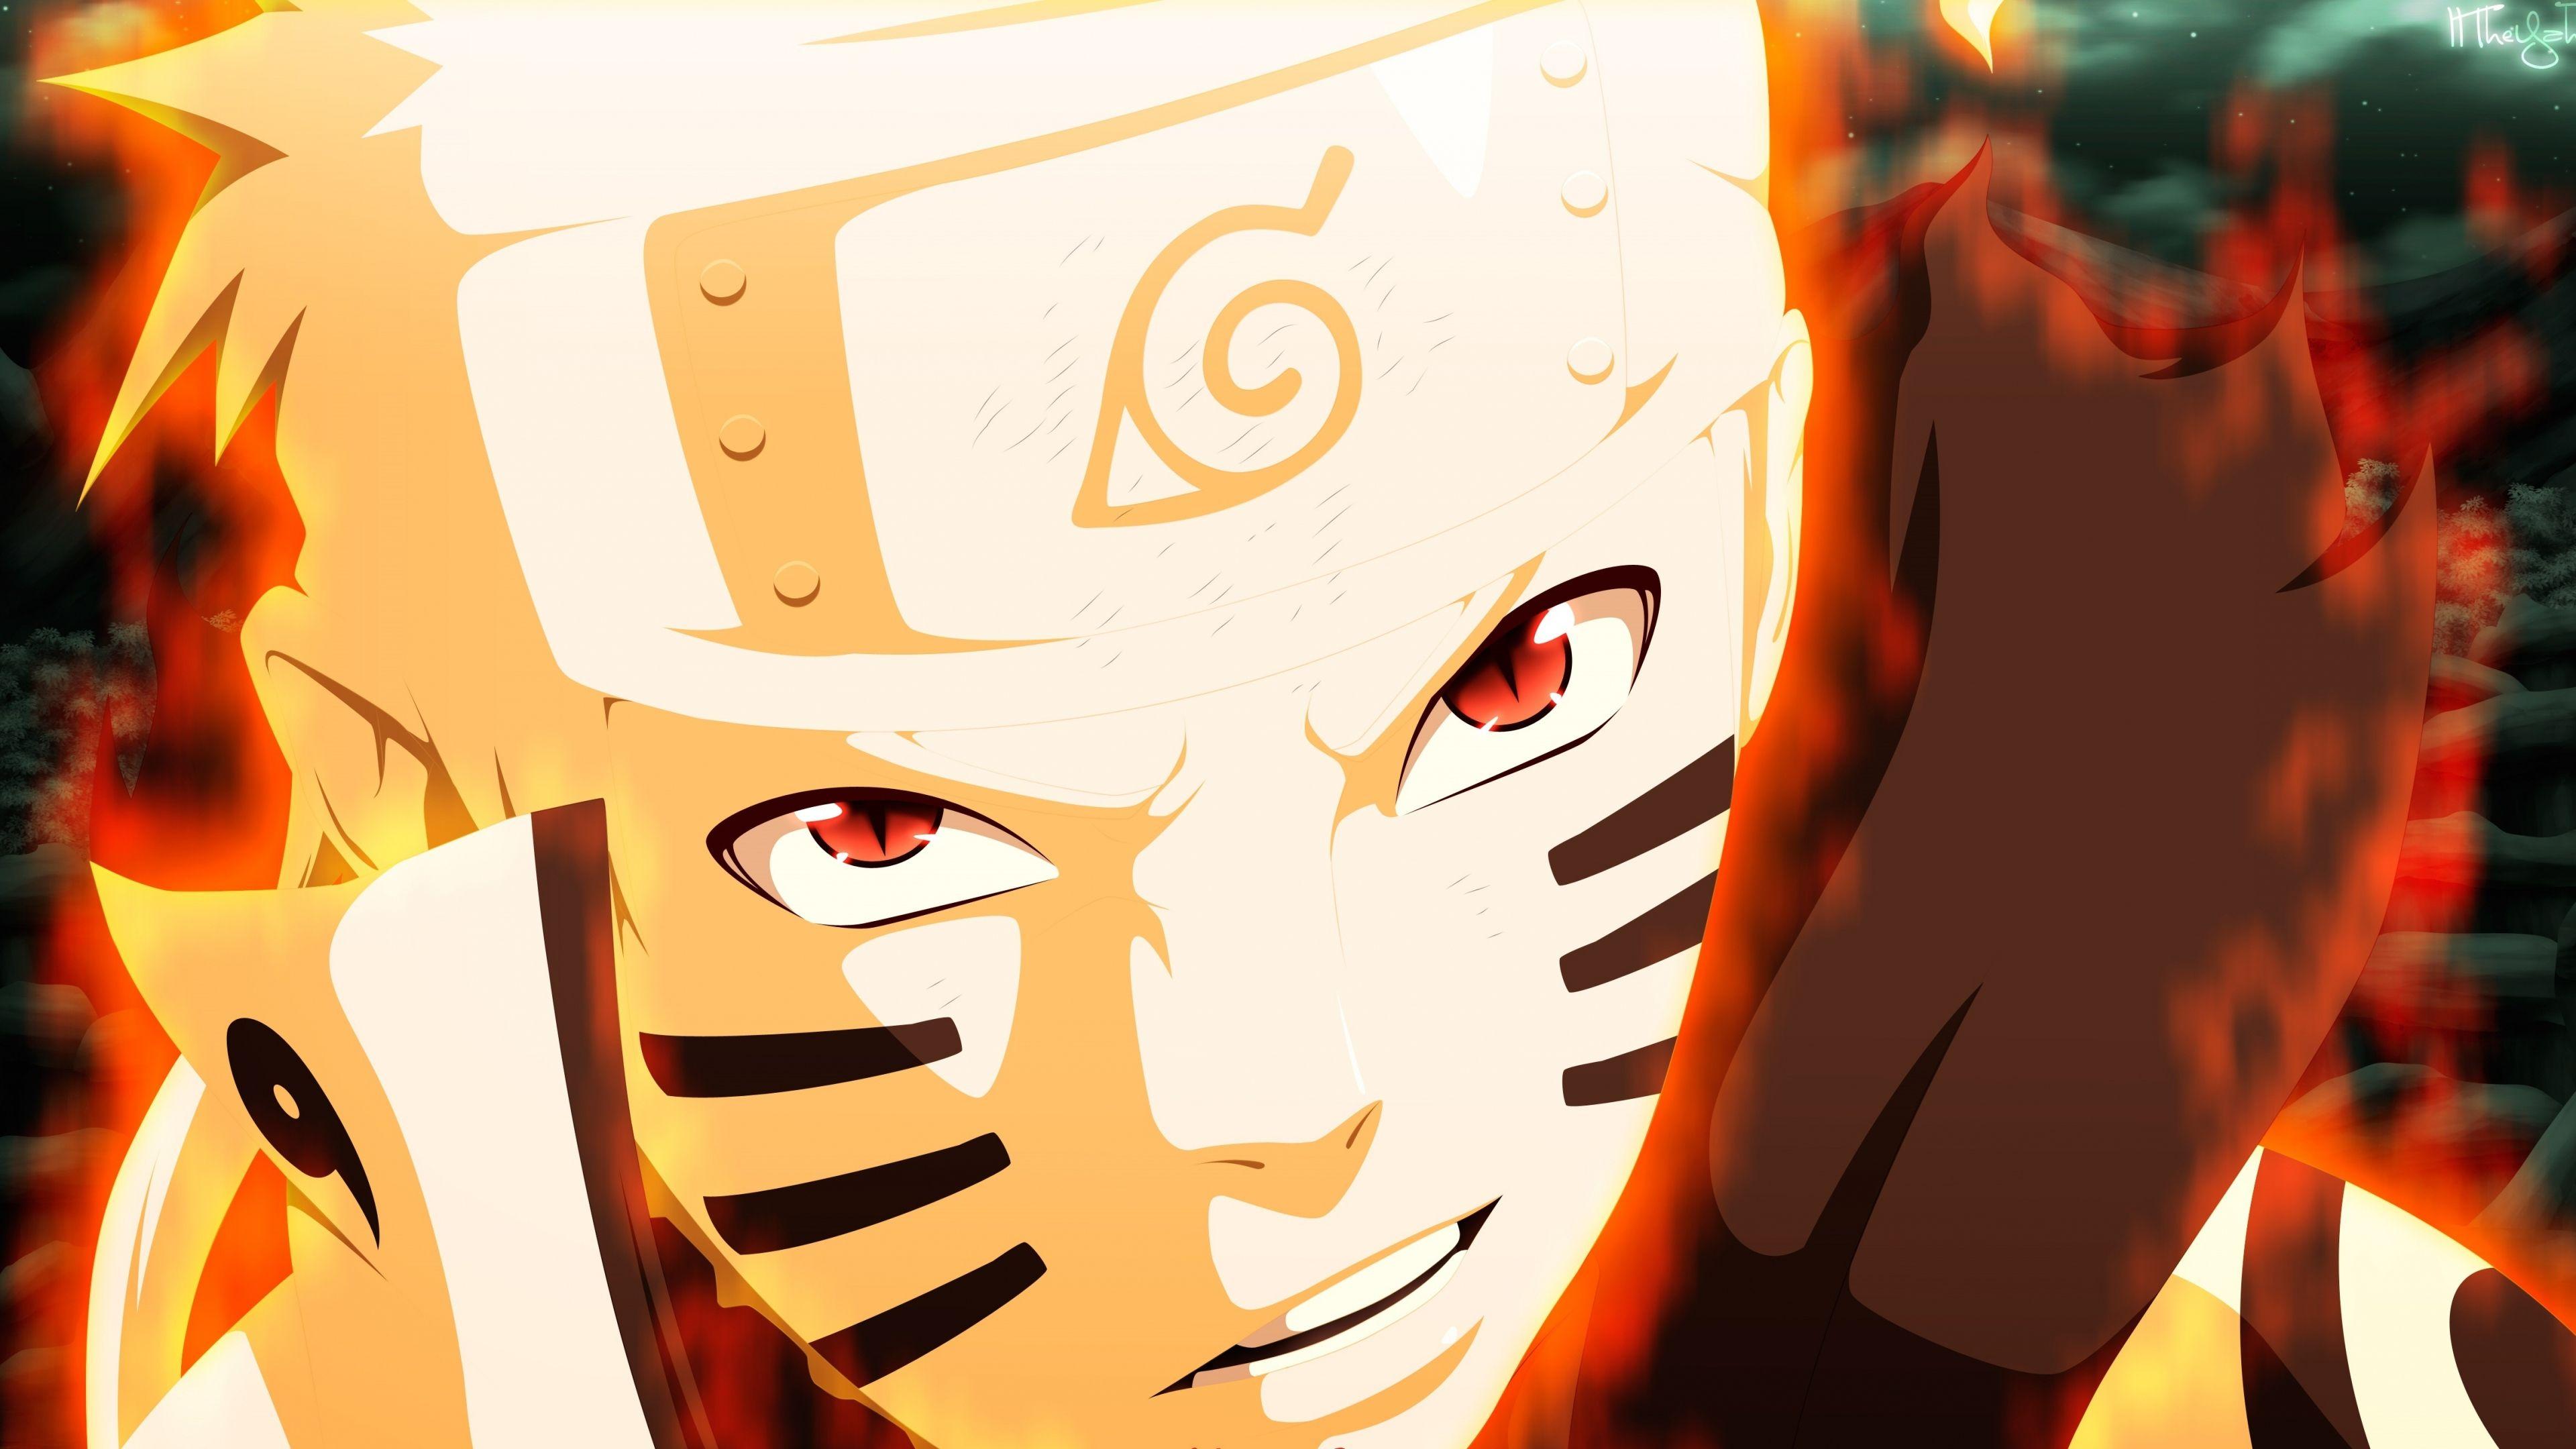 Naruto Shippuuden Uzumaki Manga Anime, Naruto wallpaper